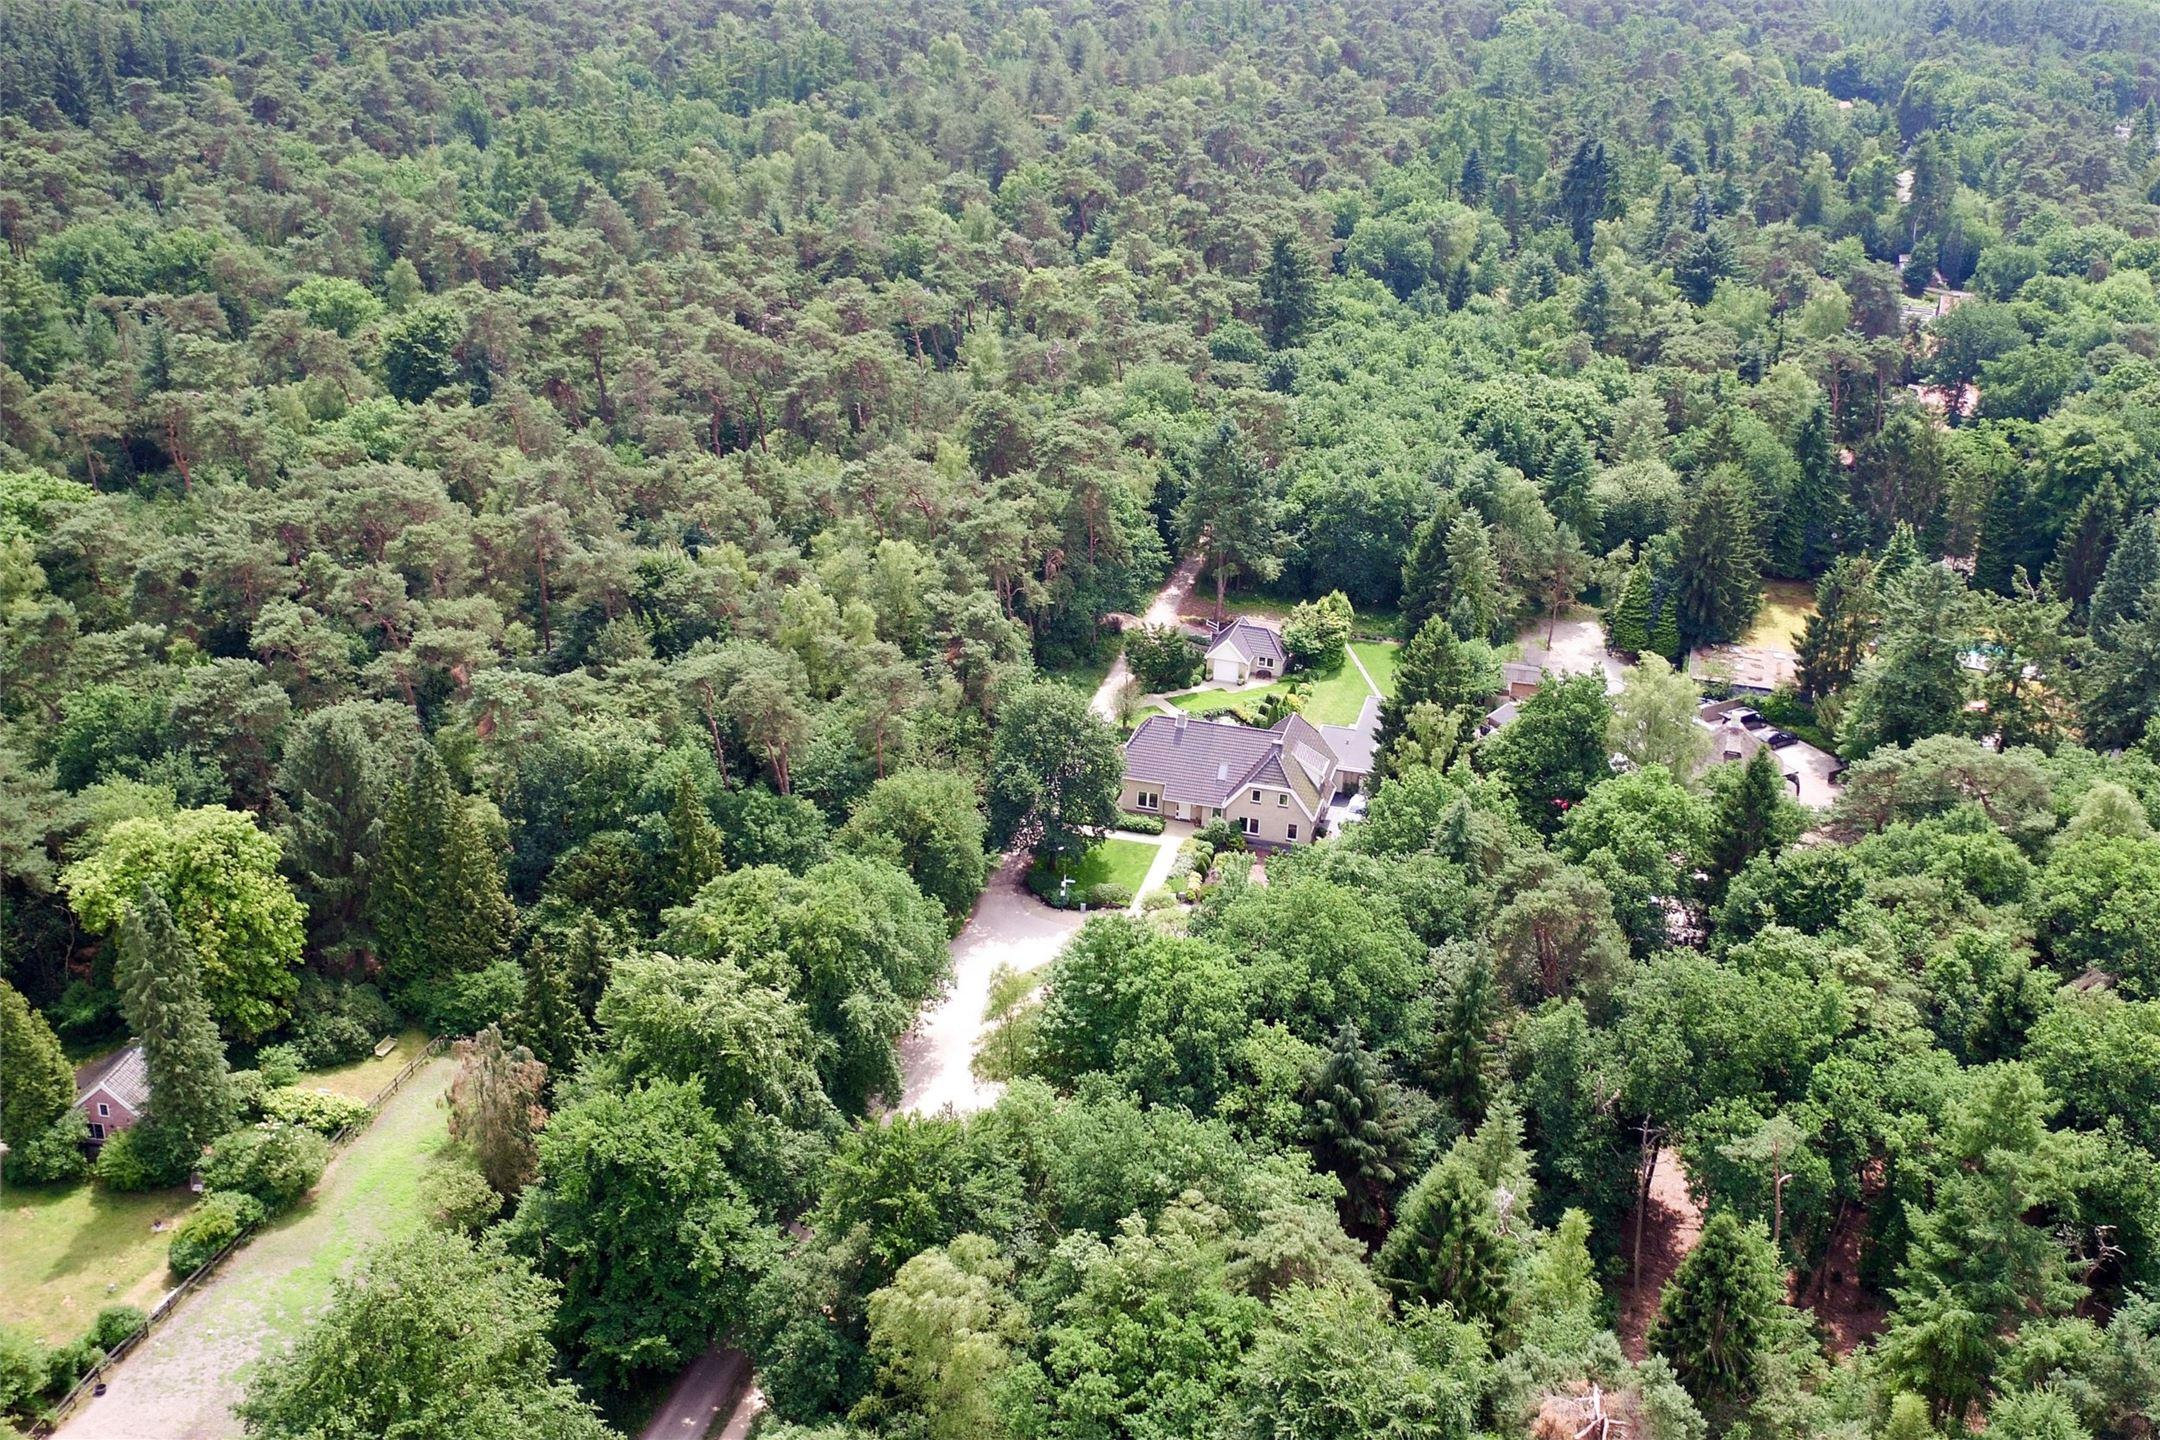 загородный дом лес вид сверху